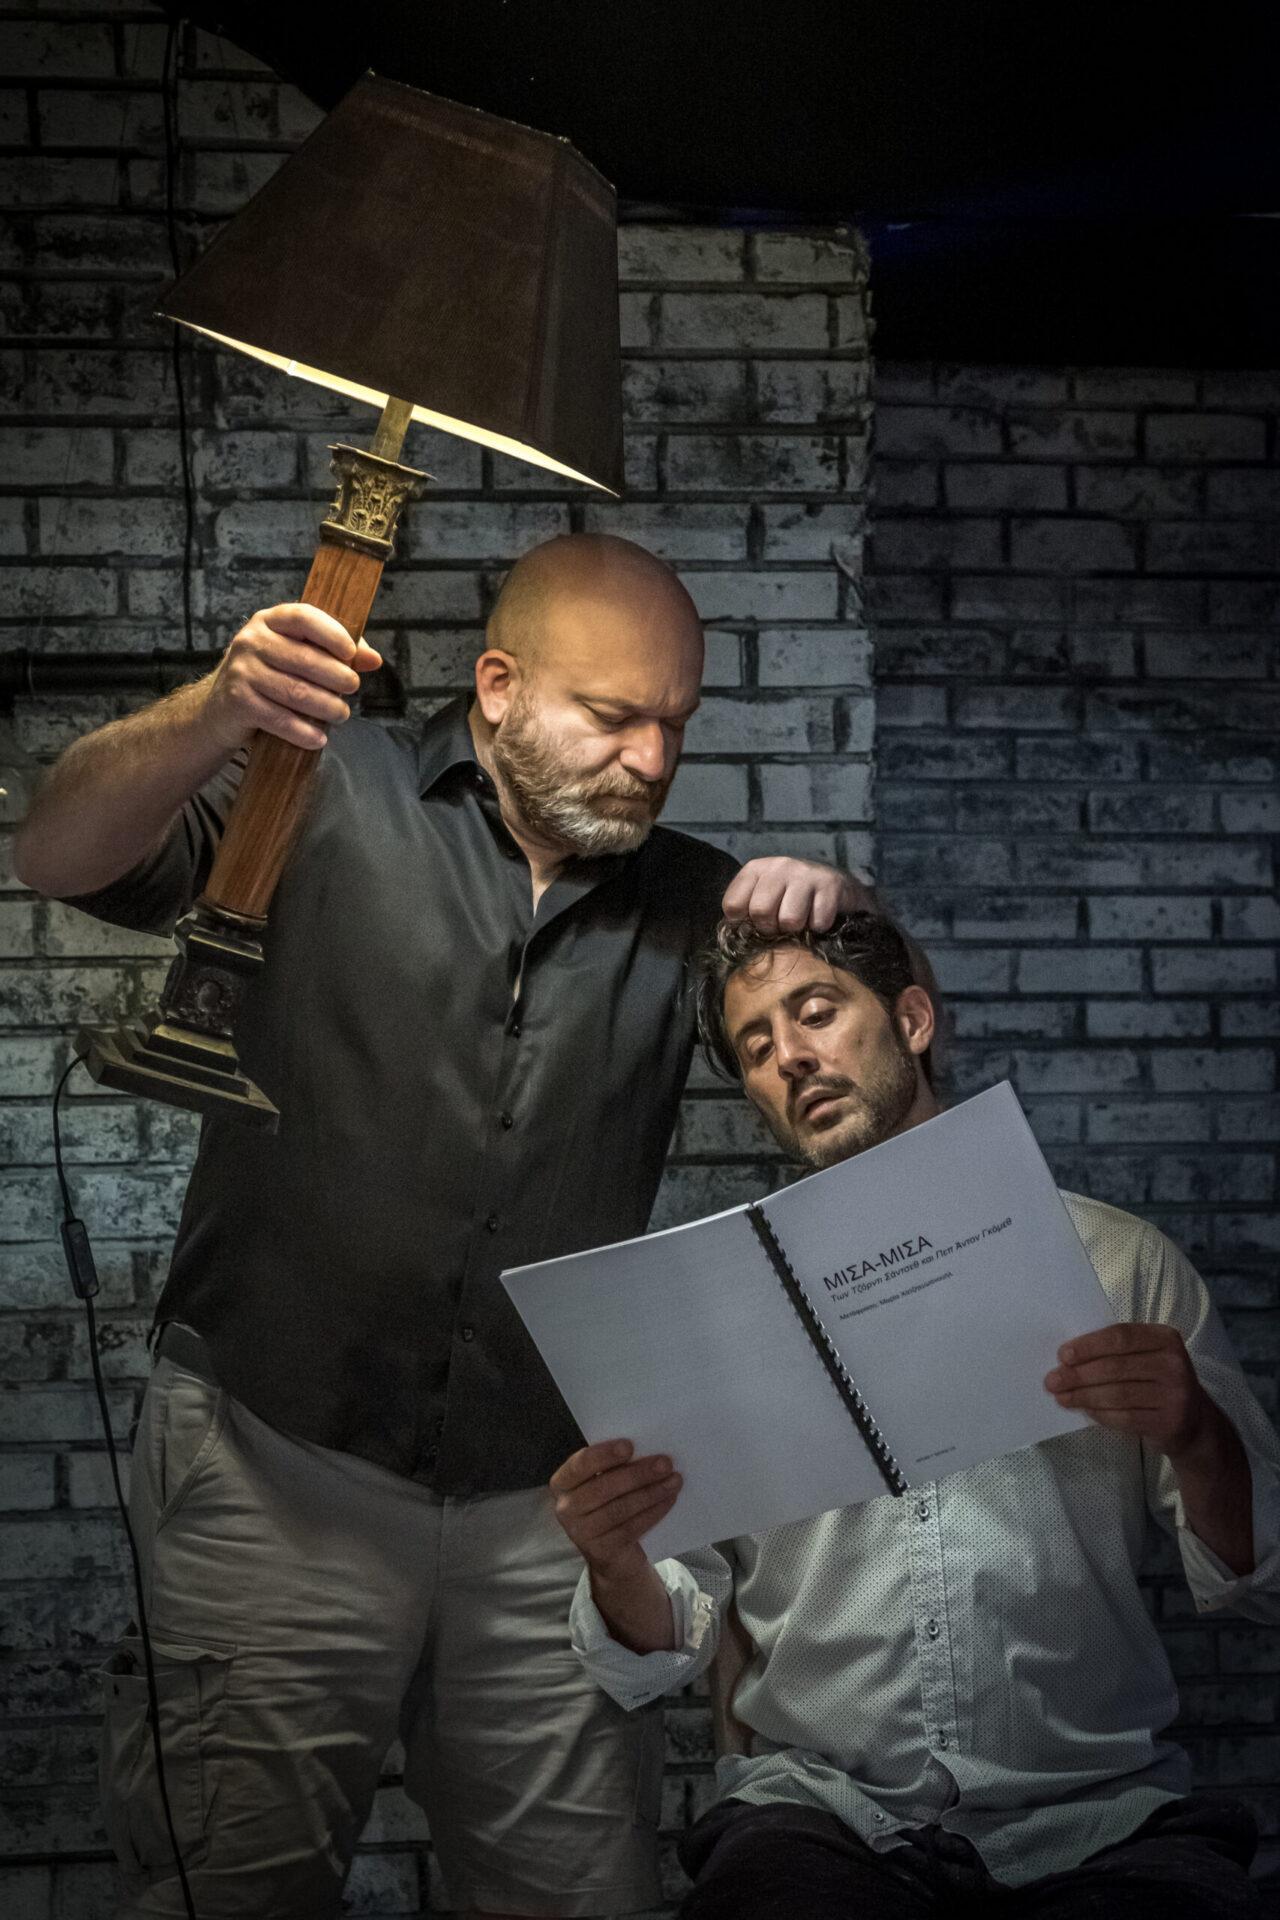 """Η απρόβλεπτη κωμωδία«Μισά-μισά»(""""MitadyMitad"""") των ΚαταλανώνJordiSánchez&PepAntonGómez,σε σκηνοθεσίαΔημήτρη Μυλωνάκαι πρωταγωνιστές τουςΛευτέρηΕλευθερίουκαιΑντώνη Κρόμπα"""